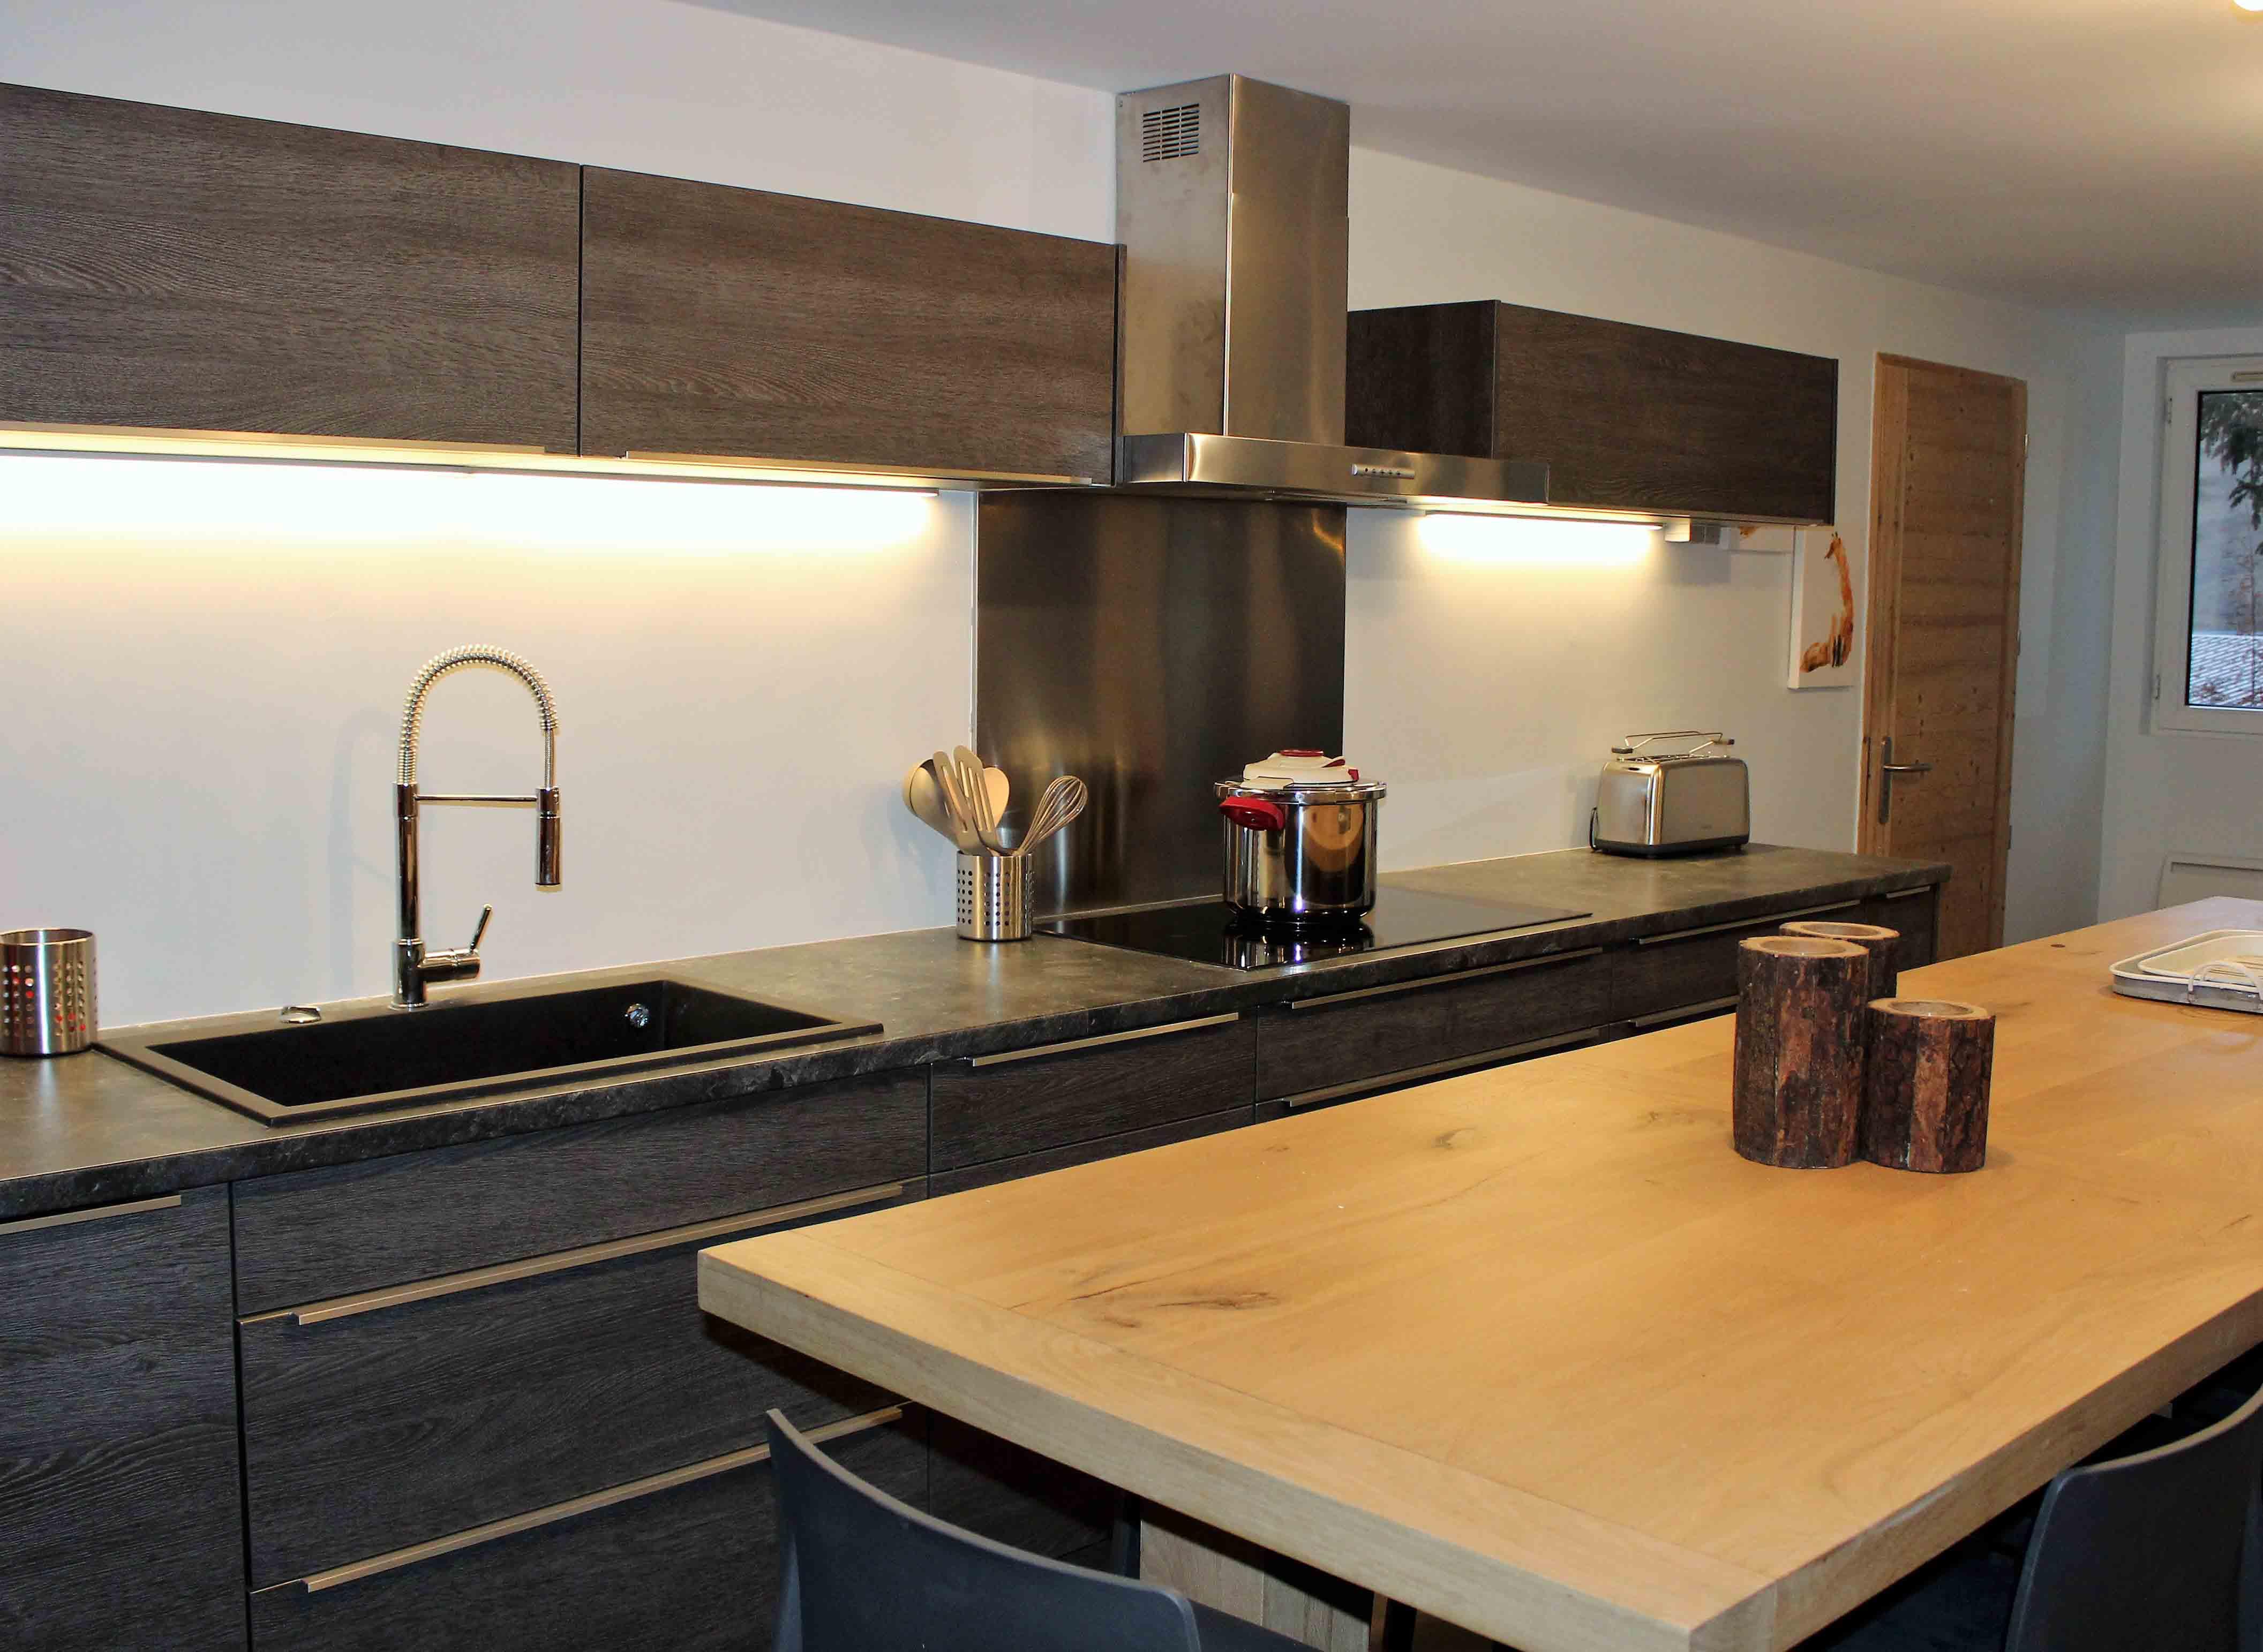 Location de l'appartement 2 les 2 Alpes grande cuisine induction lave-vaisselle buanderie